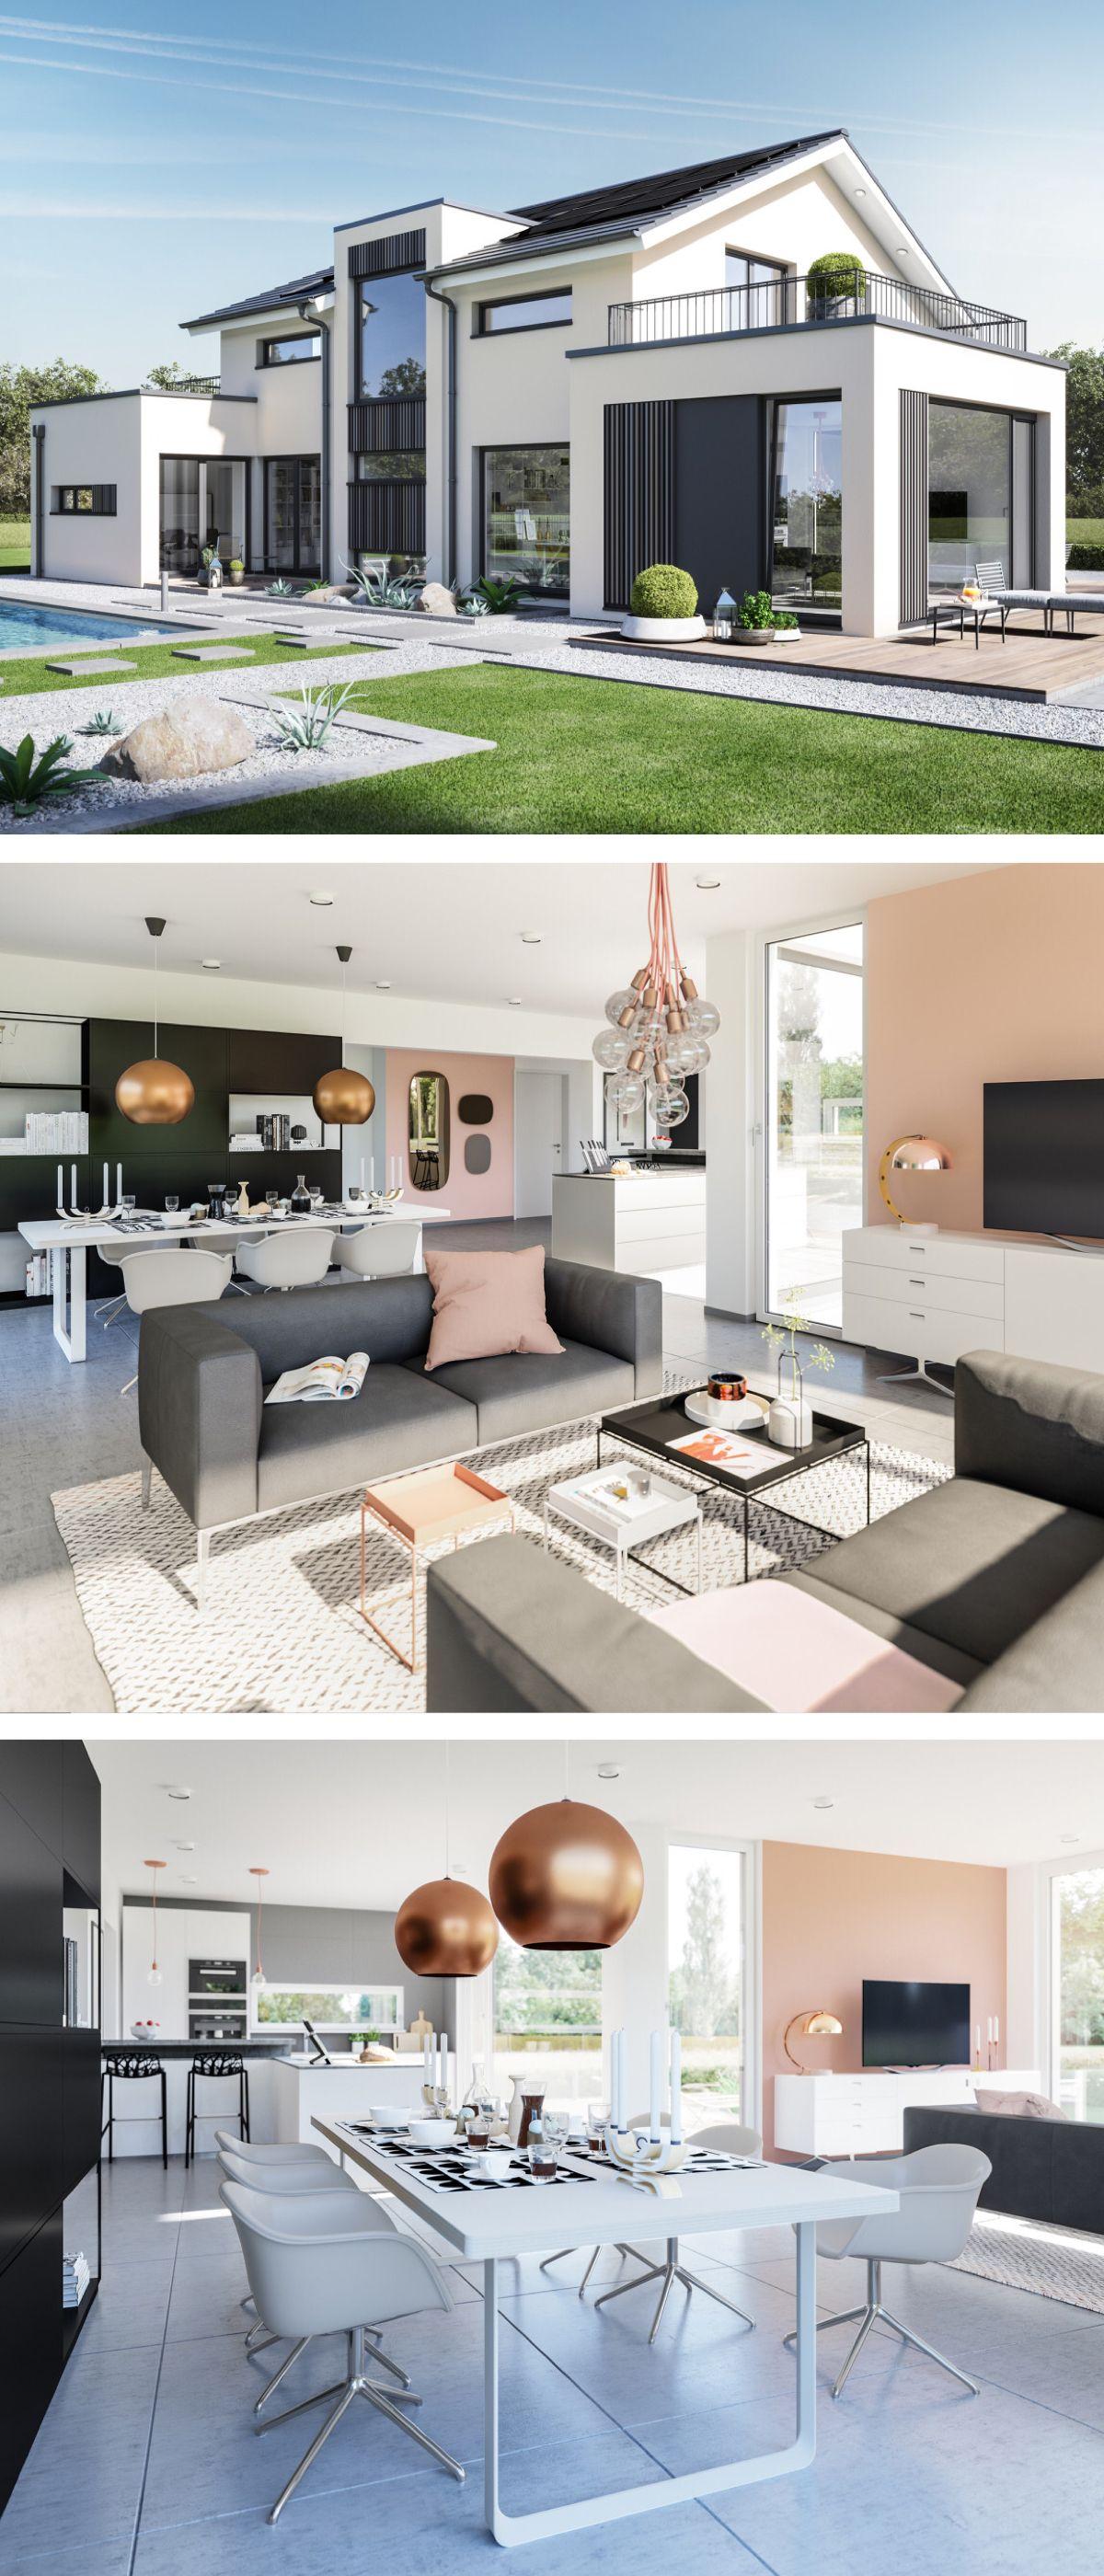 Modernes Satteldach Haus Mit Buro Anbau Galerie Einfamilienhaus